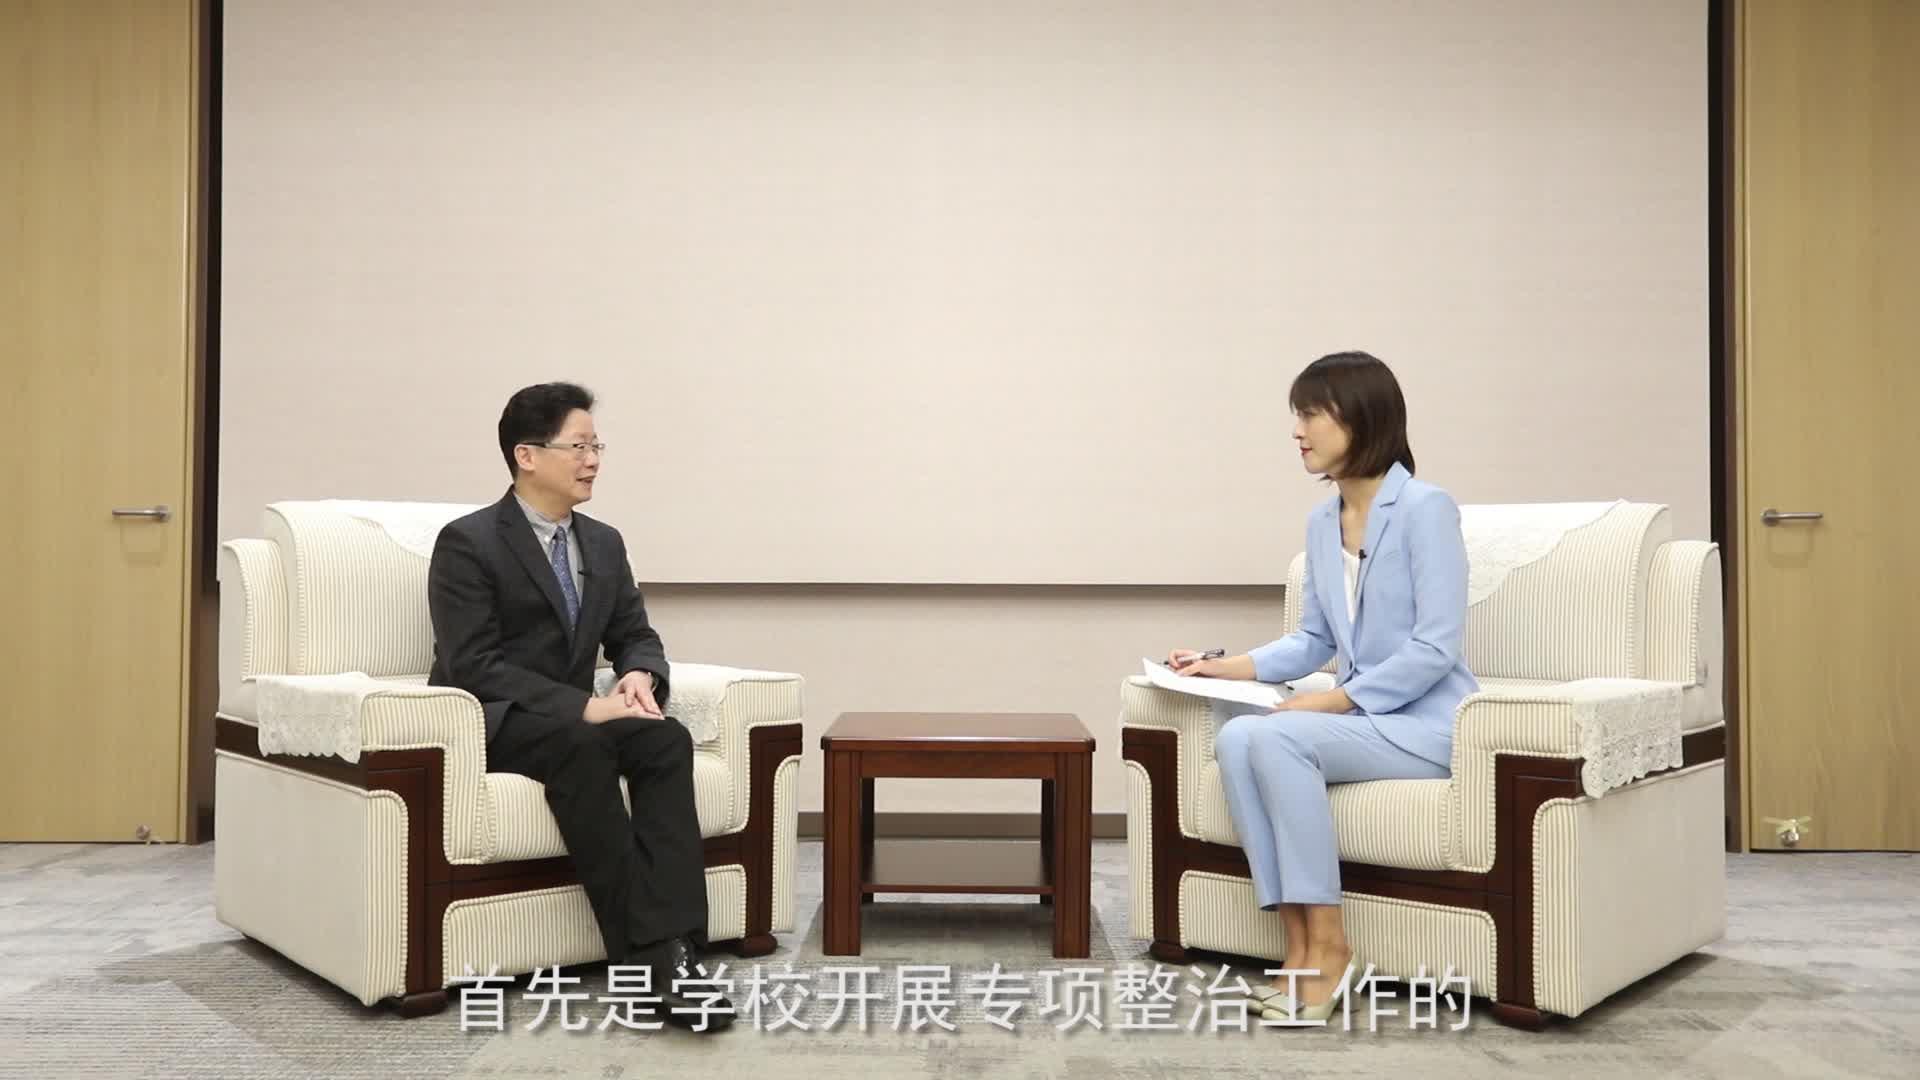 视频微访谈 |西安工业大学党委书记刘卫国谈深化违规收送礼金问题专项整治